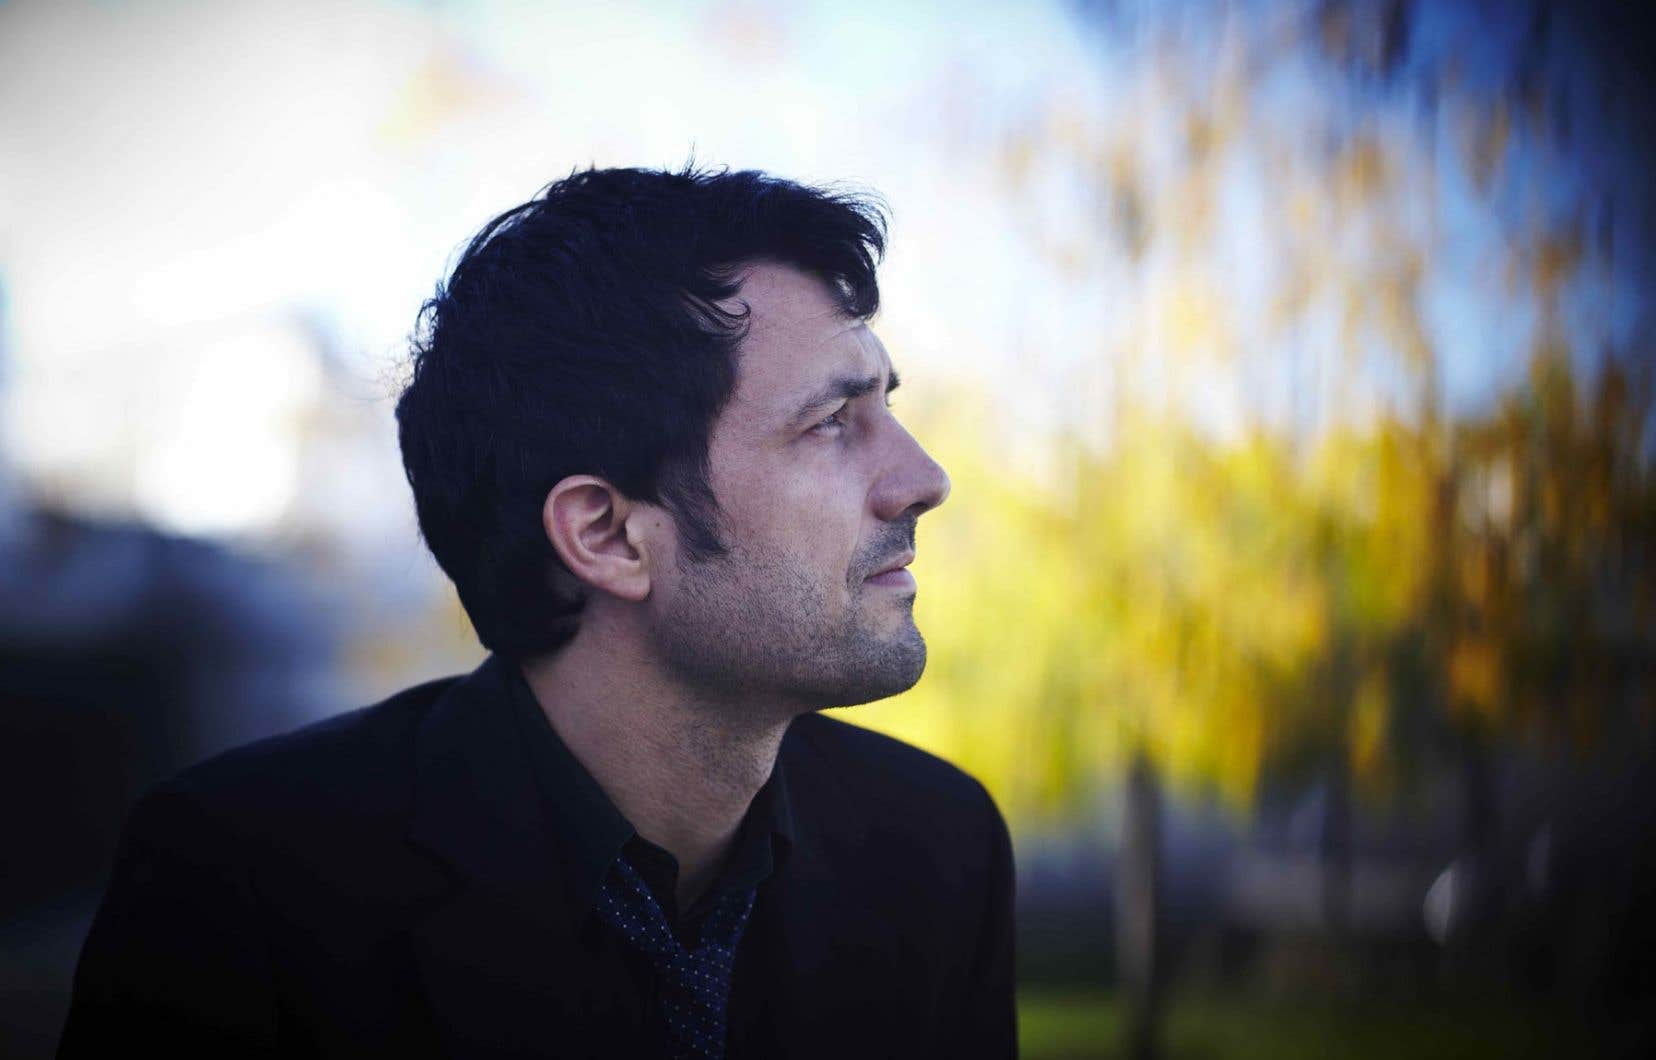 La musique d'Albin de la Simone a un je ne sais quoi de rêveur, et pourtant, il raconte des histoires bien réelles, personnelles.